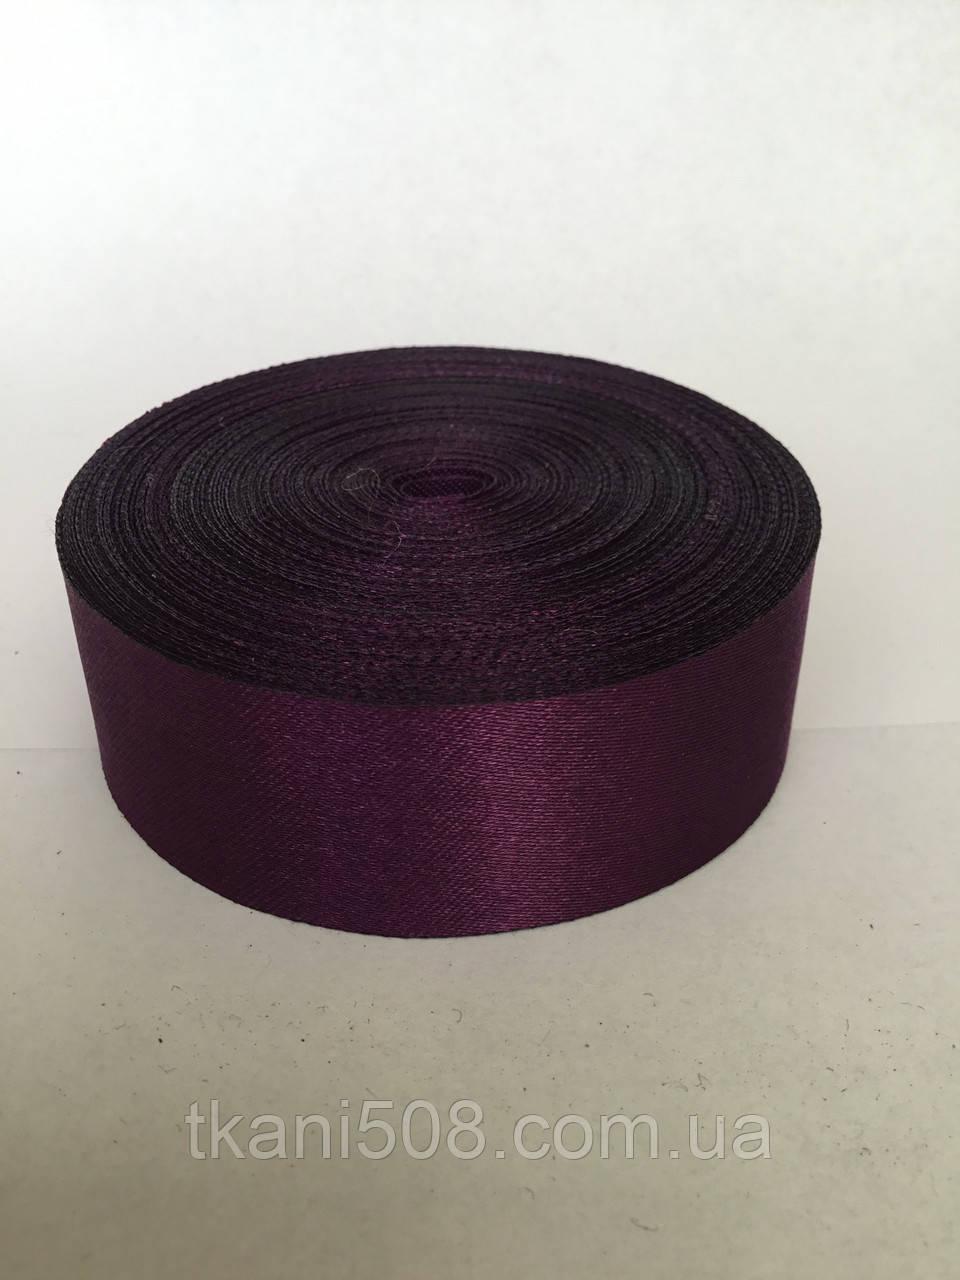 Атласна стрічка 5 см - колір темно-фіолетовий 29